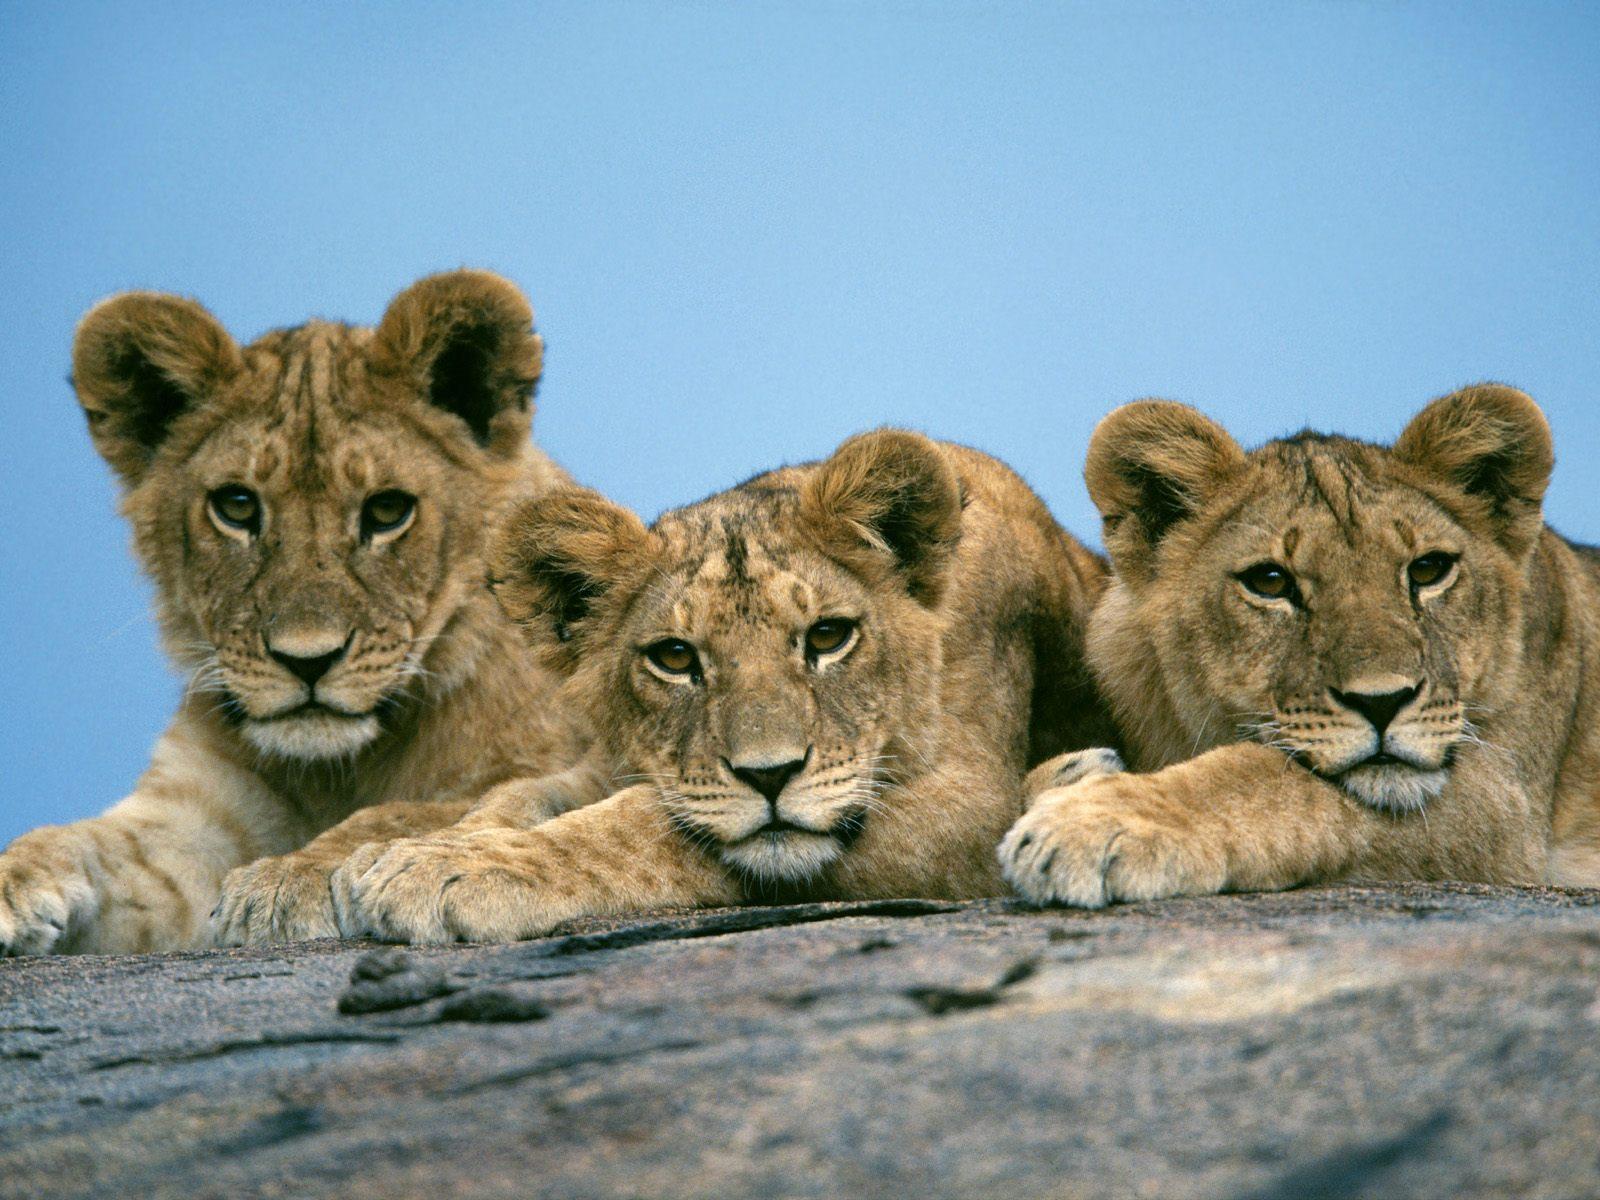 Tanzania Safari - 7 days from $1,700